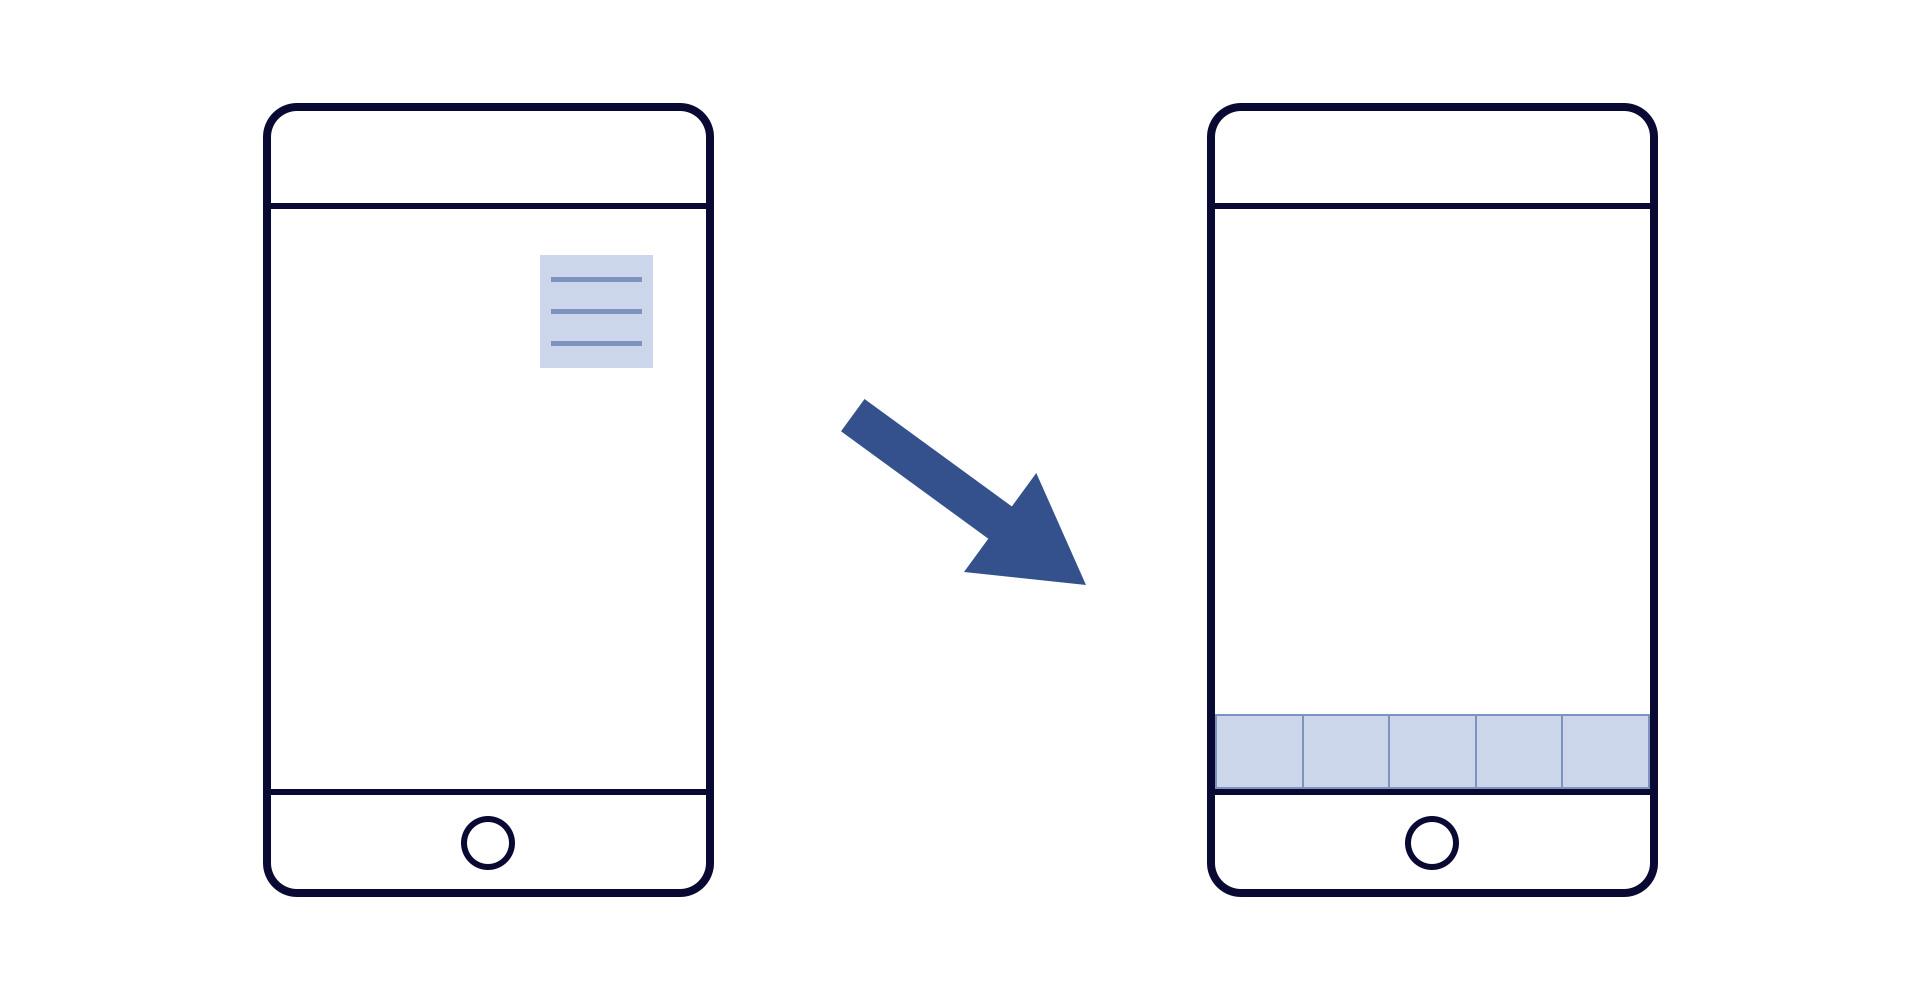 From hamburger menu to navigation icon bar